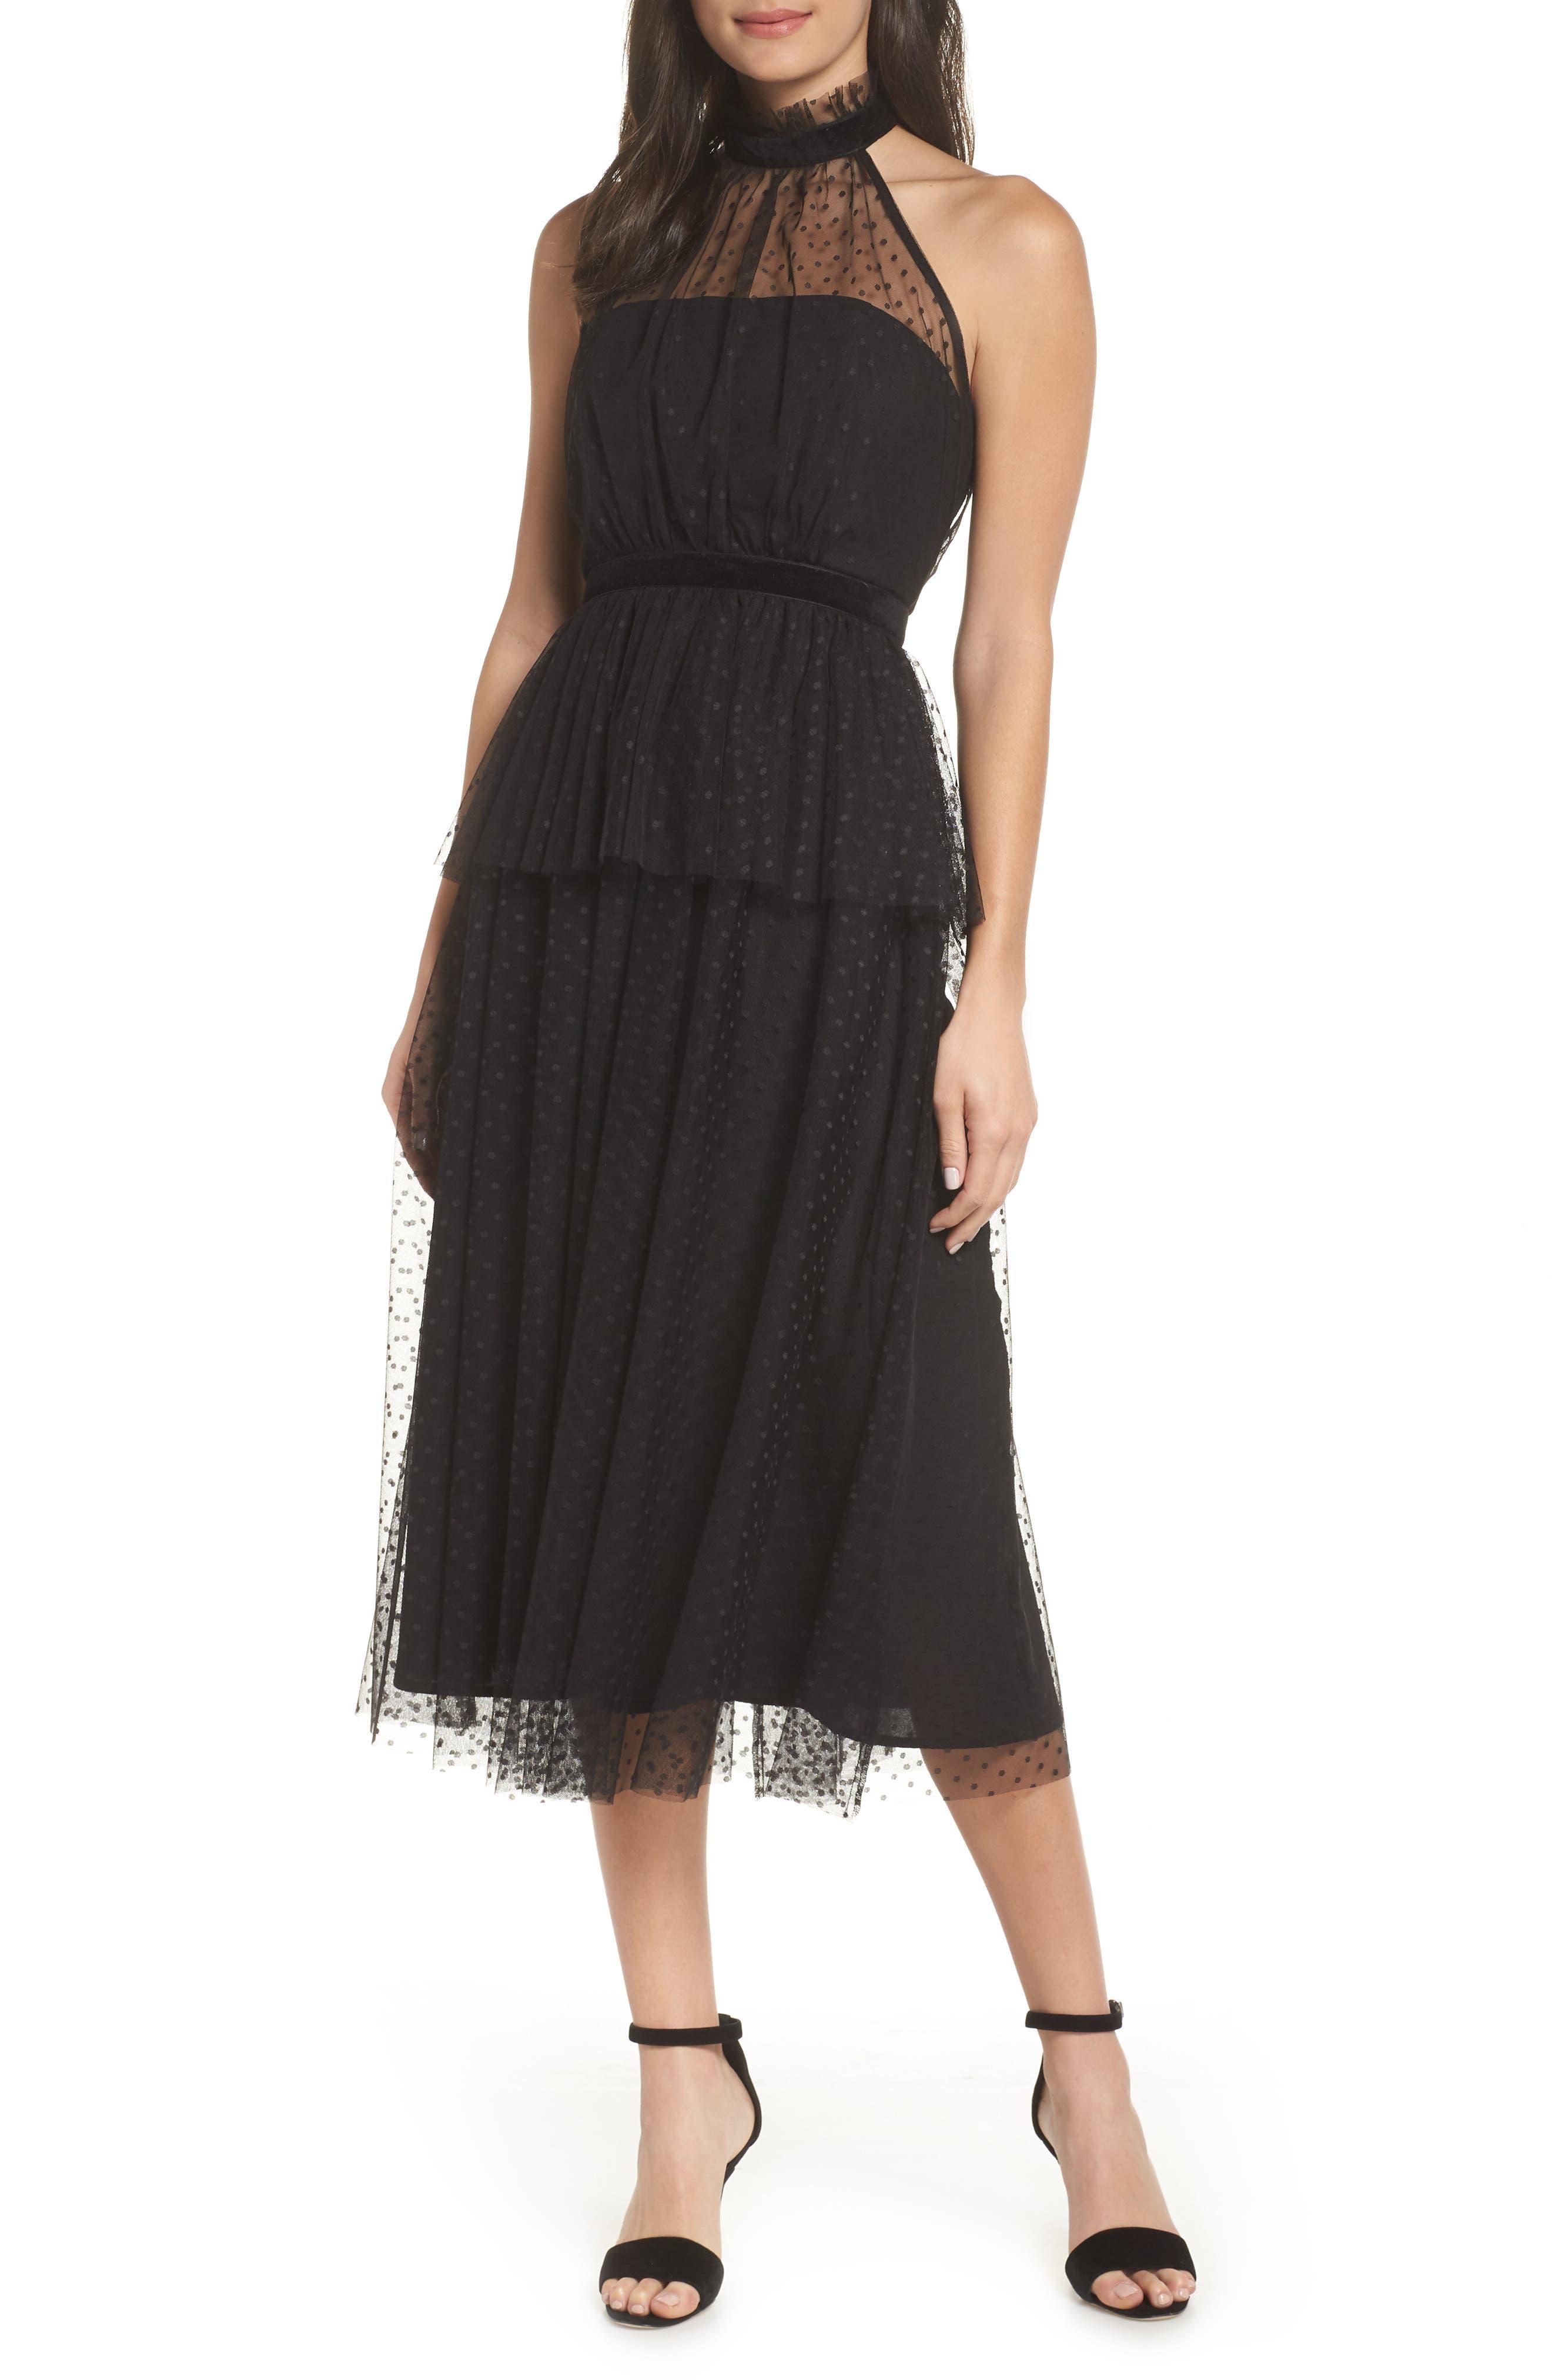 AVEC LES FILLES, Tiered Tulle Dress, Main thumbnail 1, color, BLACK